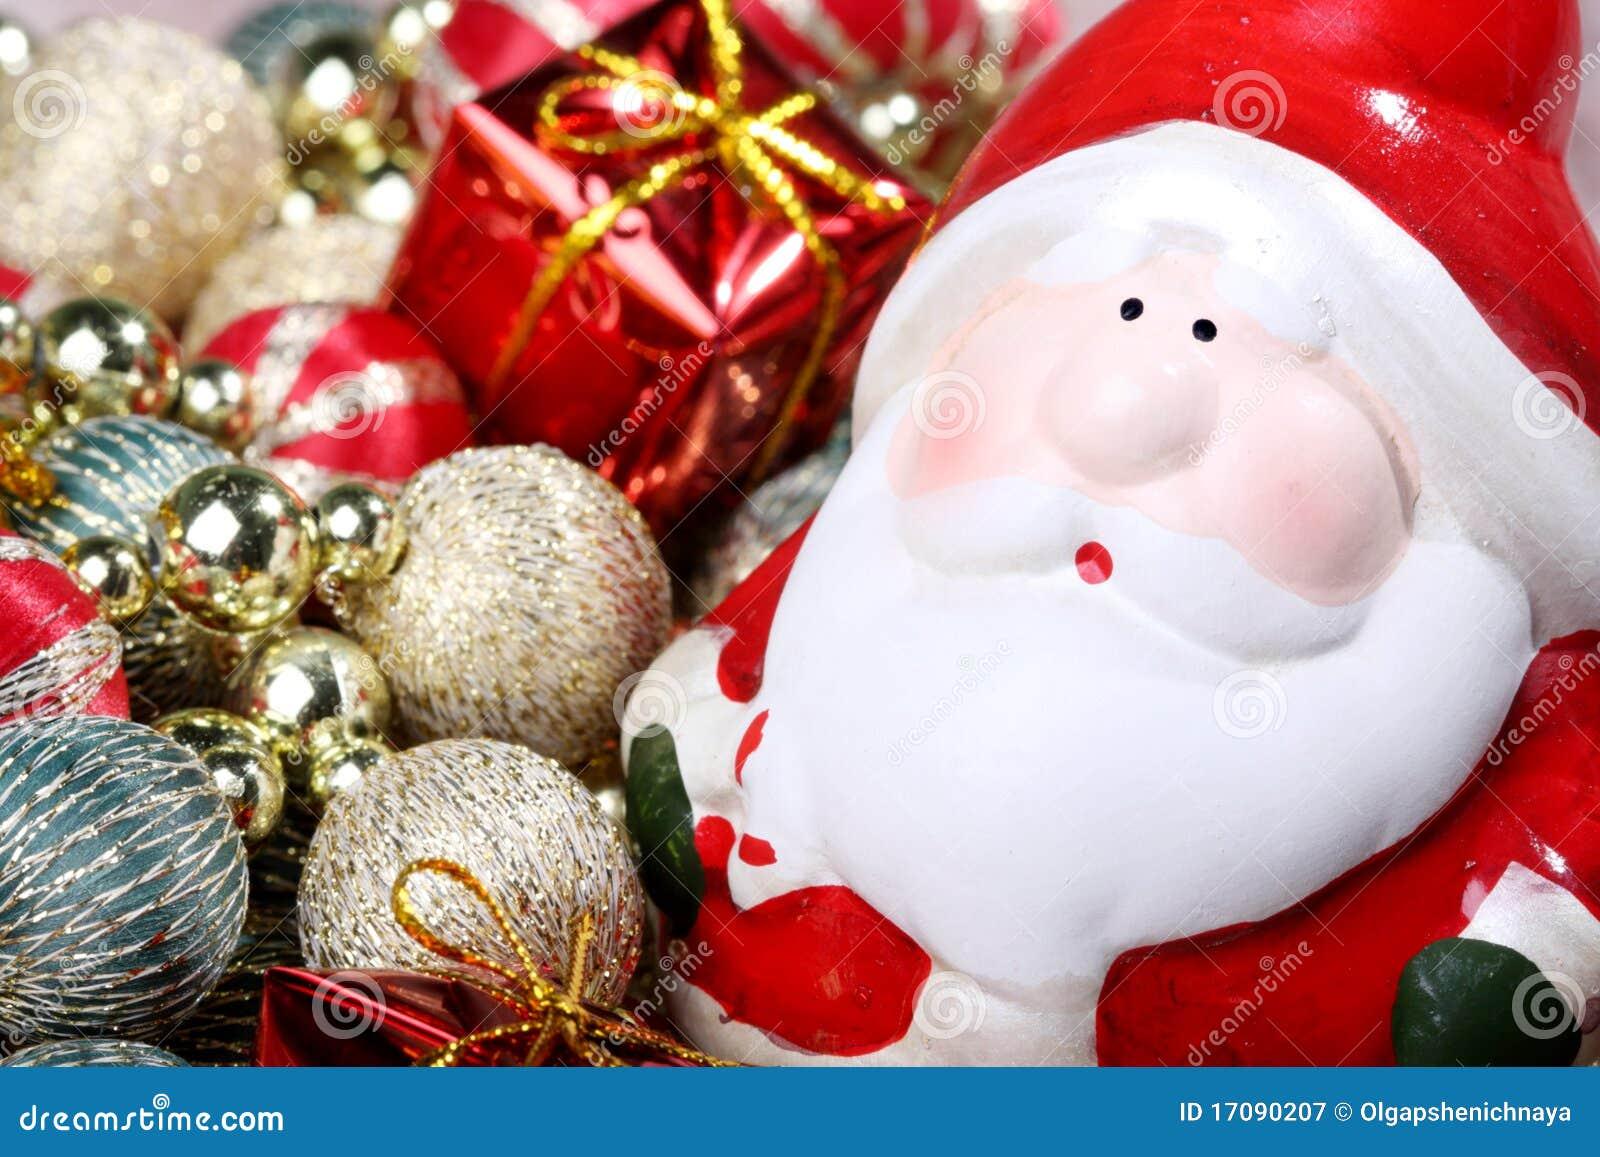 Weihnachtsmann mit Weihnachtsdekorationen